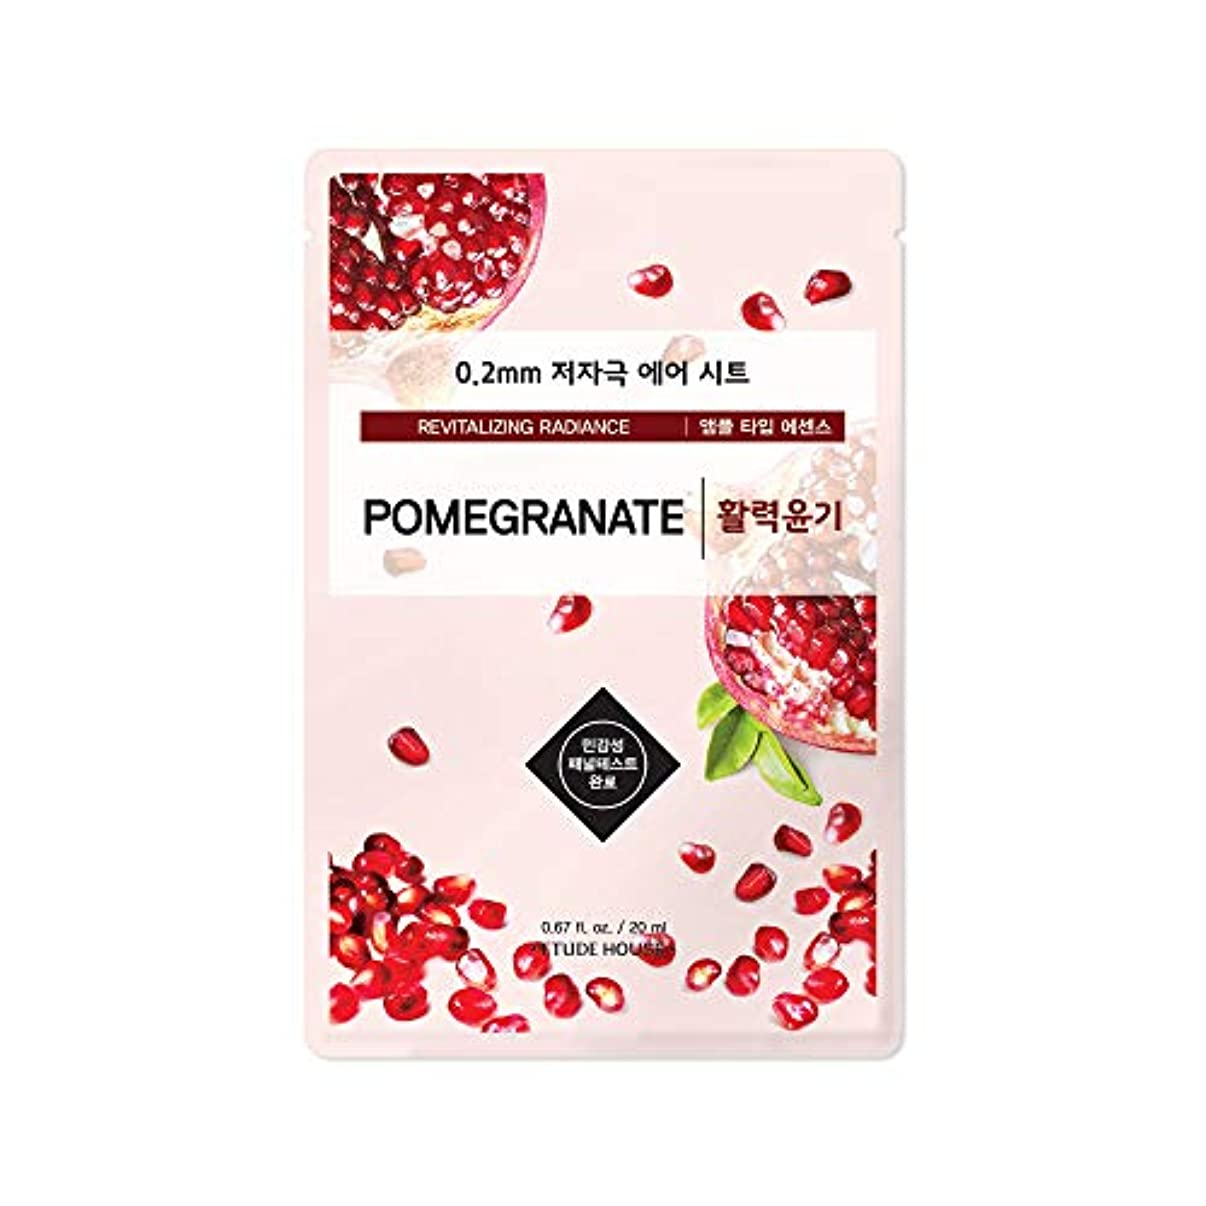 時間厳守ハック労働ETUDE HOUSE 0.2 Therapy Air Mask 20ml×10ea (#07 Pomegranate)/エチュードハウス 0.2 セラピー エア マスク 20ml×10枚 (#07 Pomegranate)